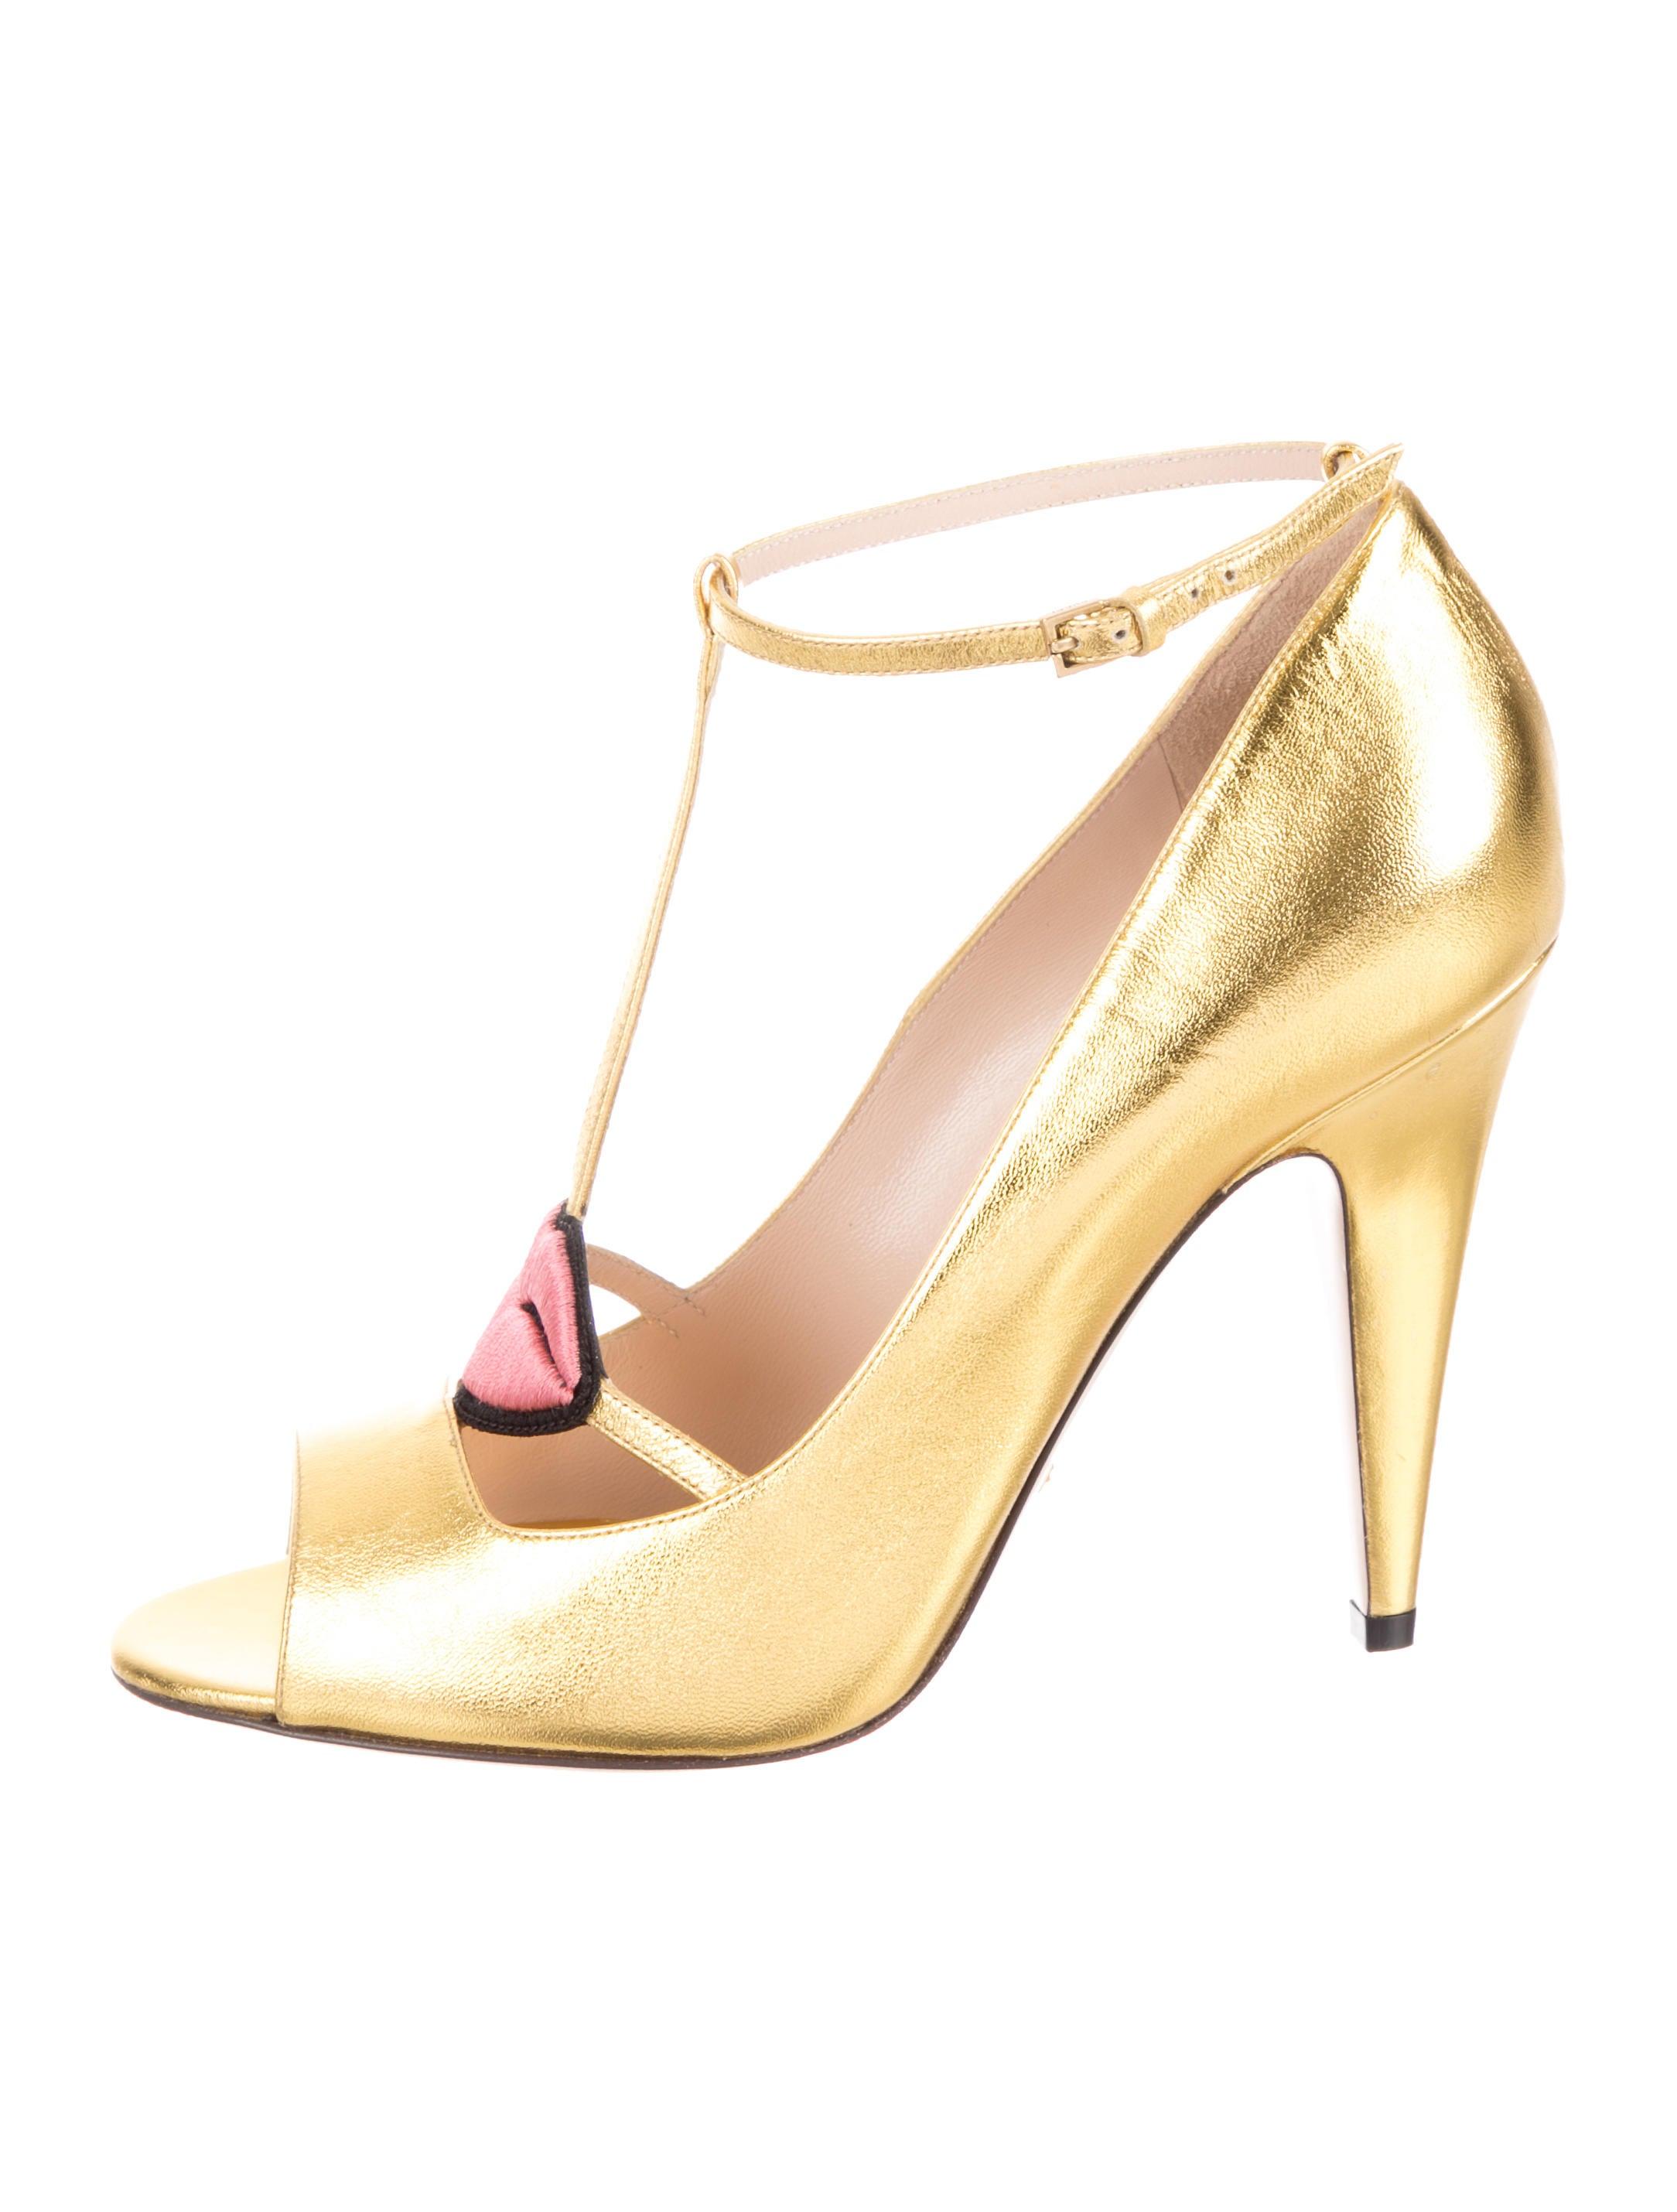 88f12470c408 Gucci Molina Lip Pumps - Shoes - GUC195167